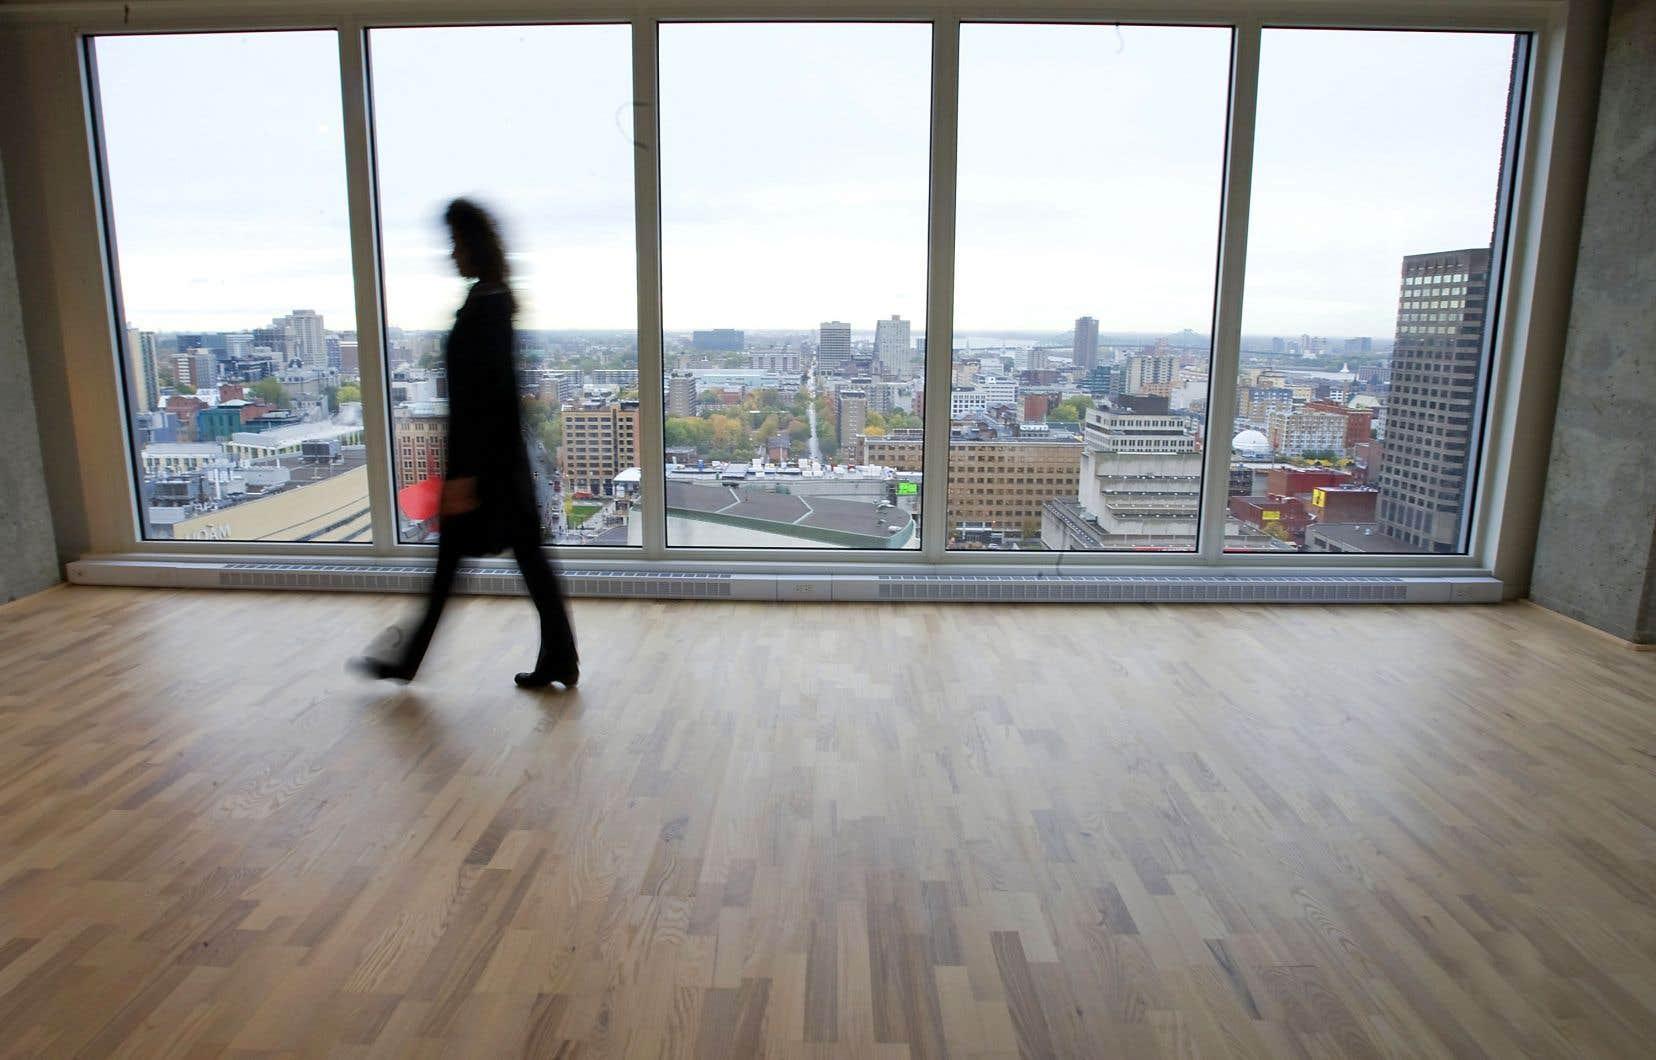 Selon l'analyse de la Société canadienne d'hypothèques et de logement , les propriétaires de 75% des 375 appartements loués examinés présentaient un flux de trésorerie négatif.